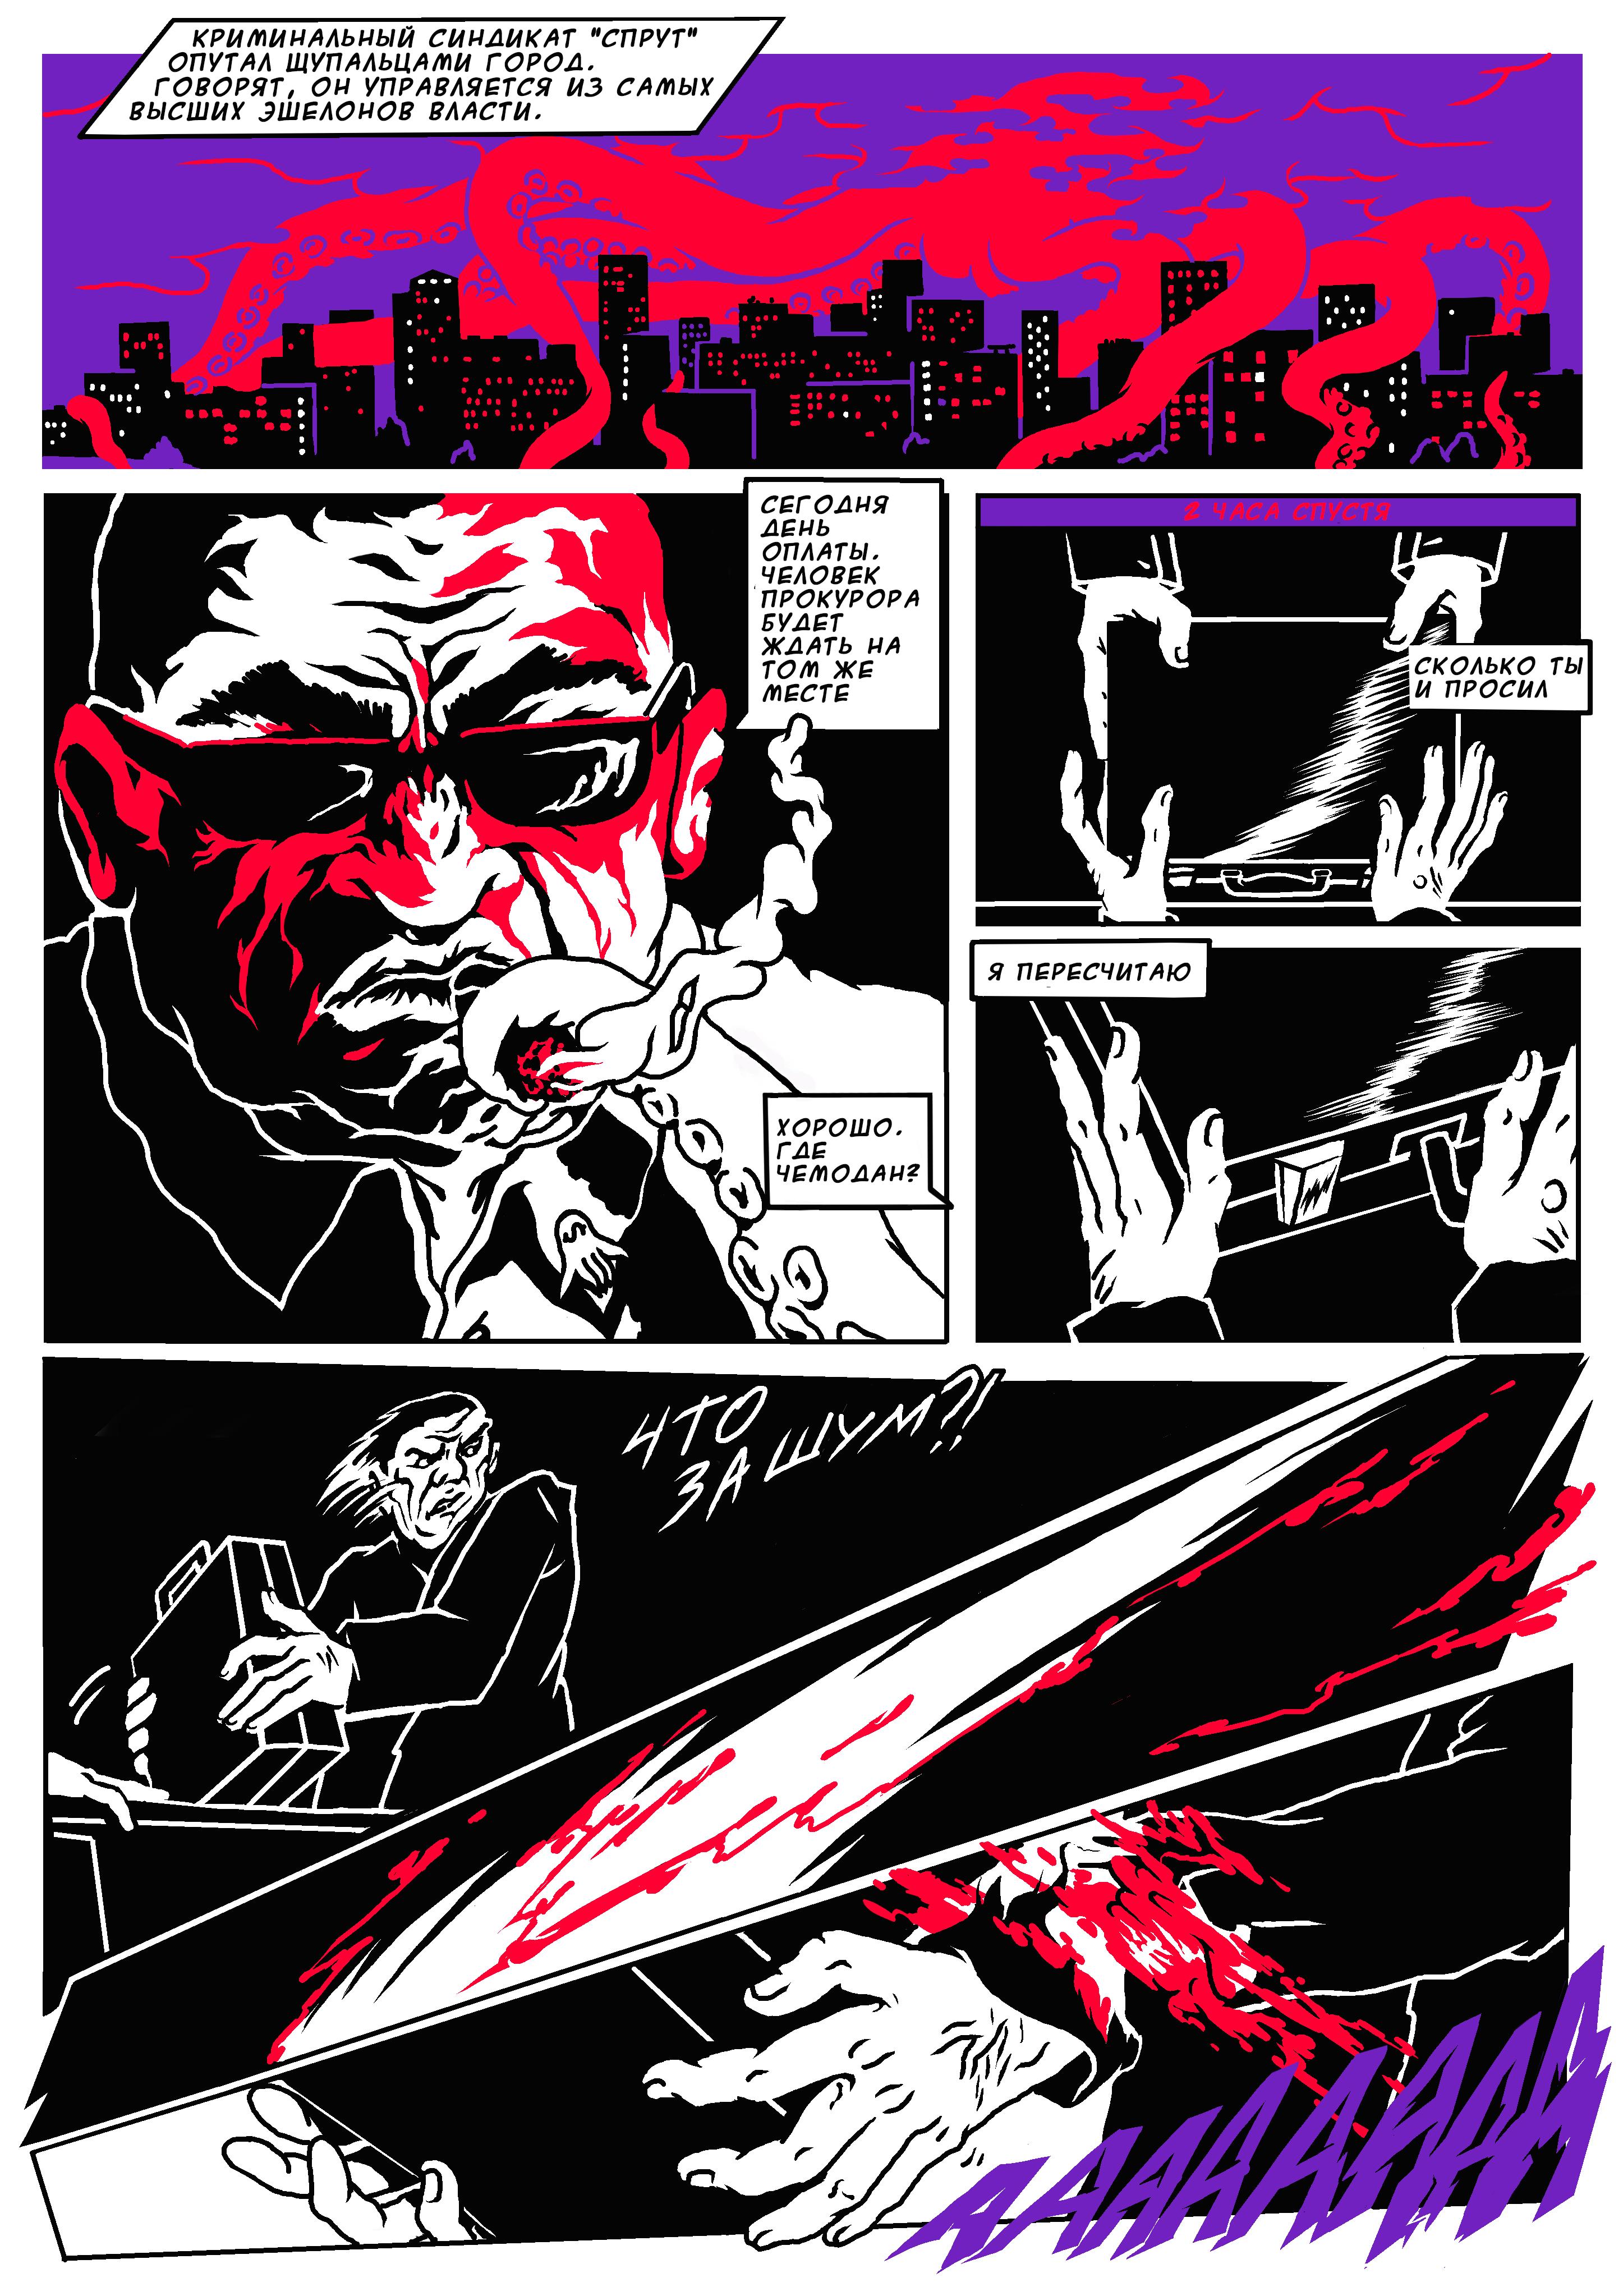 Комикс «Комиссар Катана. Начало». «Спрут» в Городе